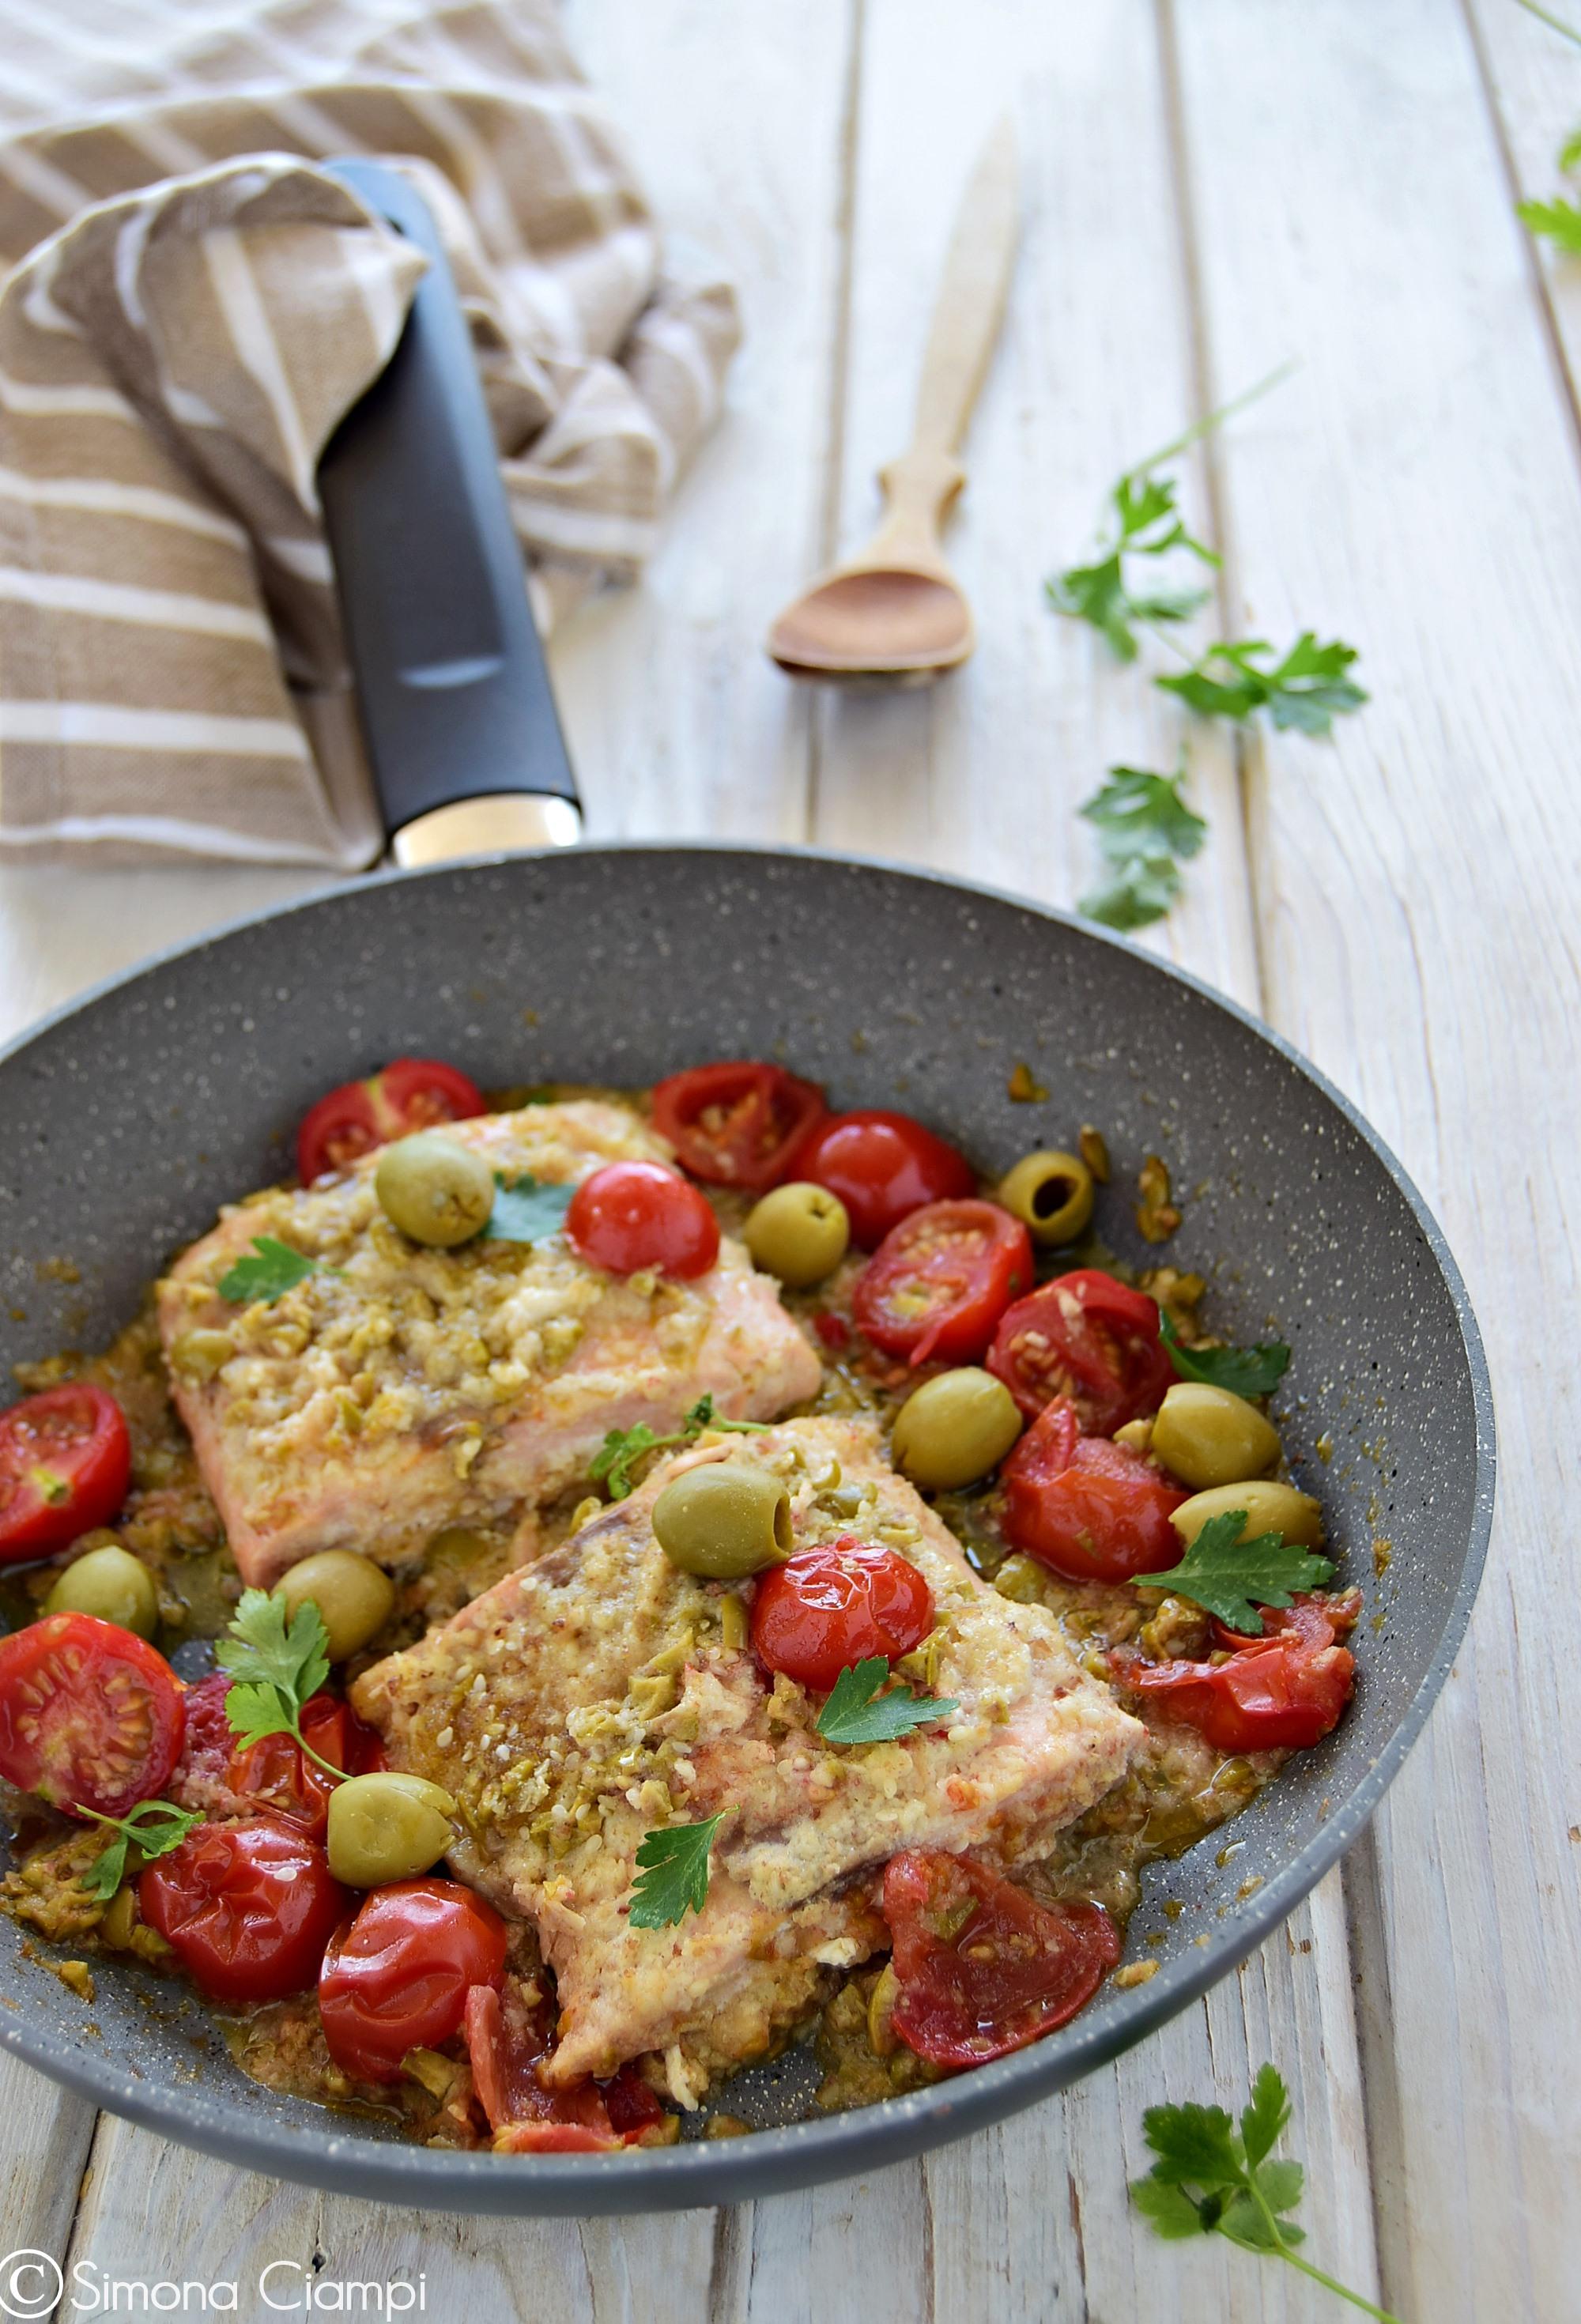 Salmone in padella impanato con salsa alle olive e pomodorini